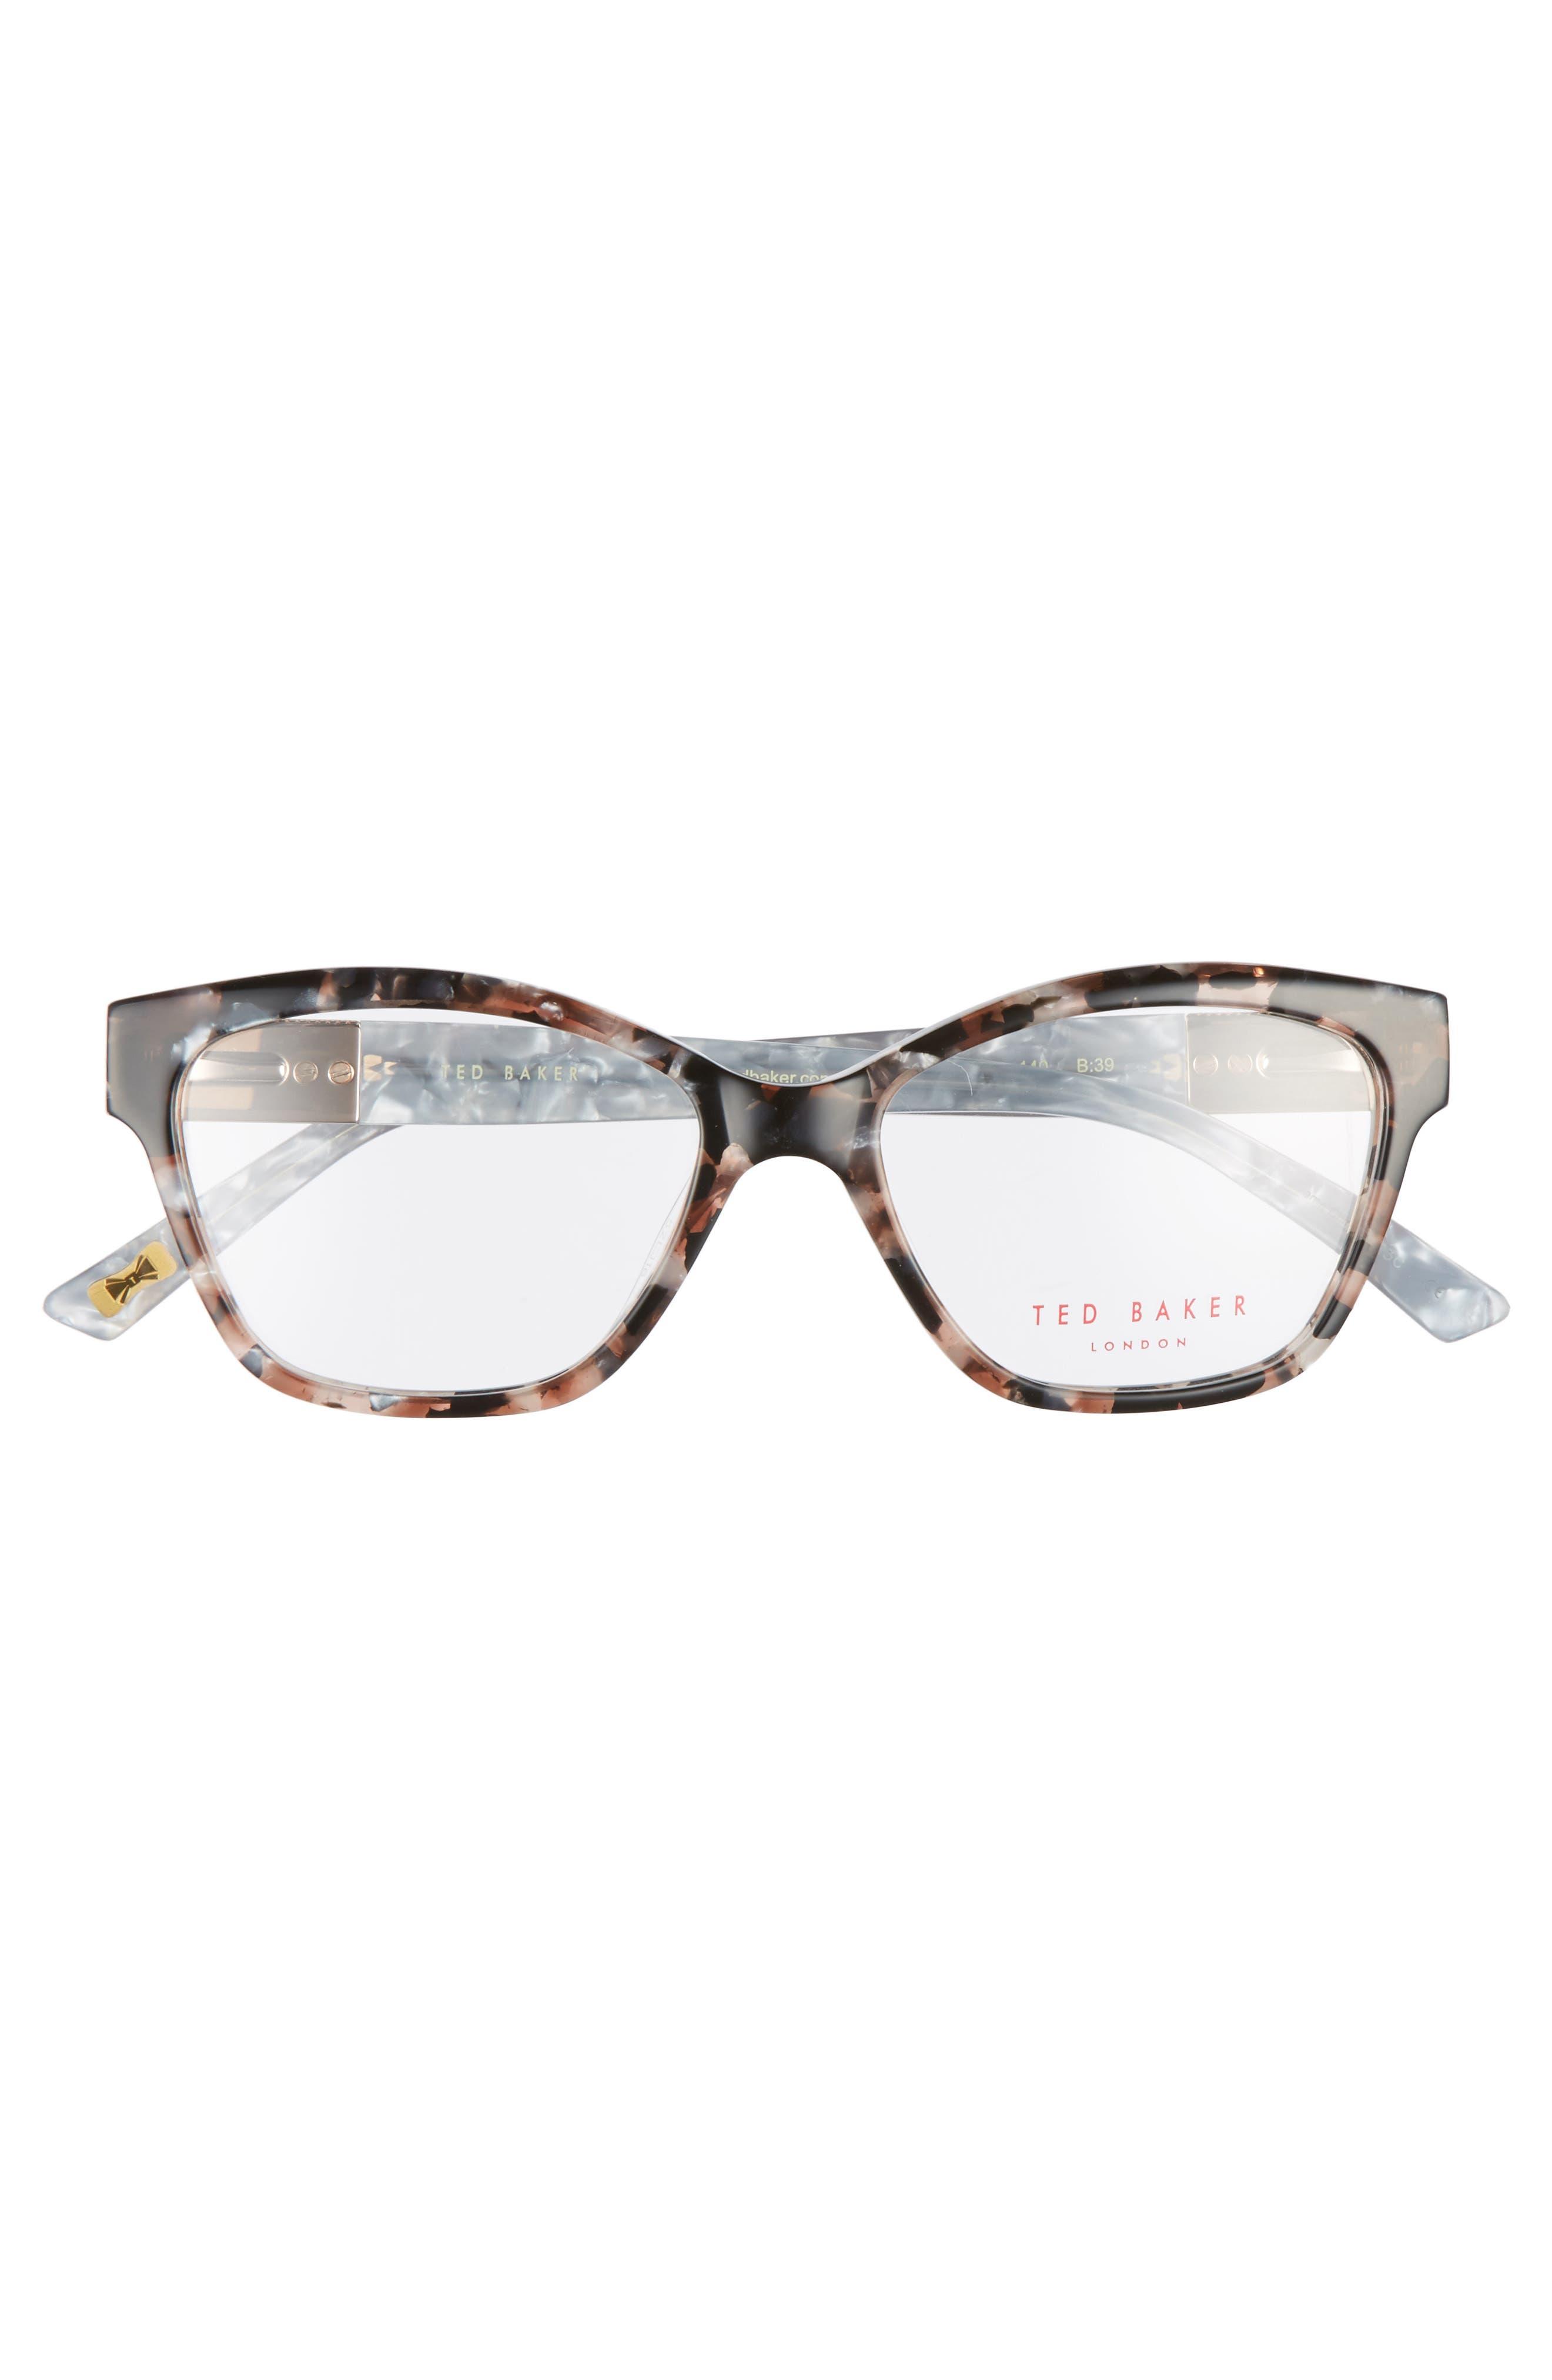 52mm Optical Cat Eye Glasses,                             Alternate thumbnail 3, color,                             650